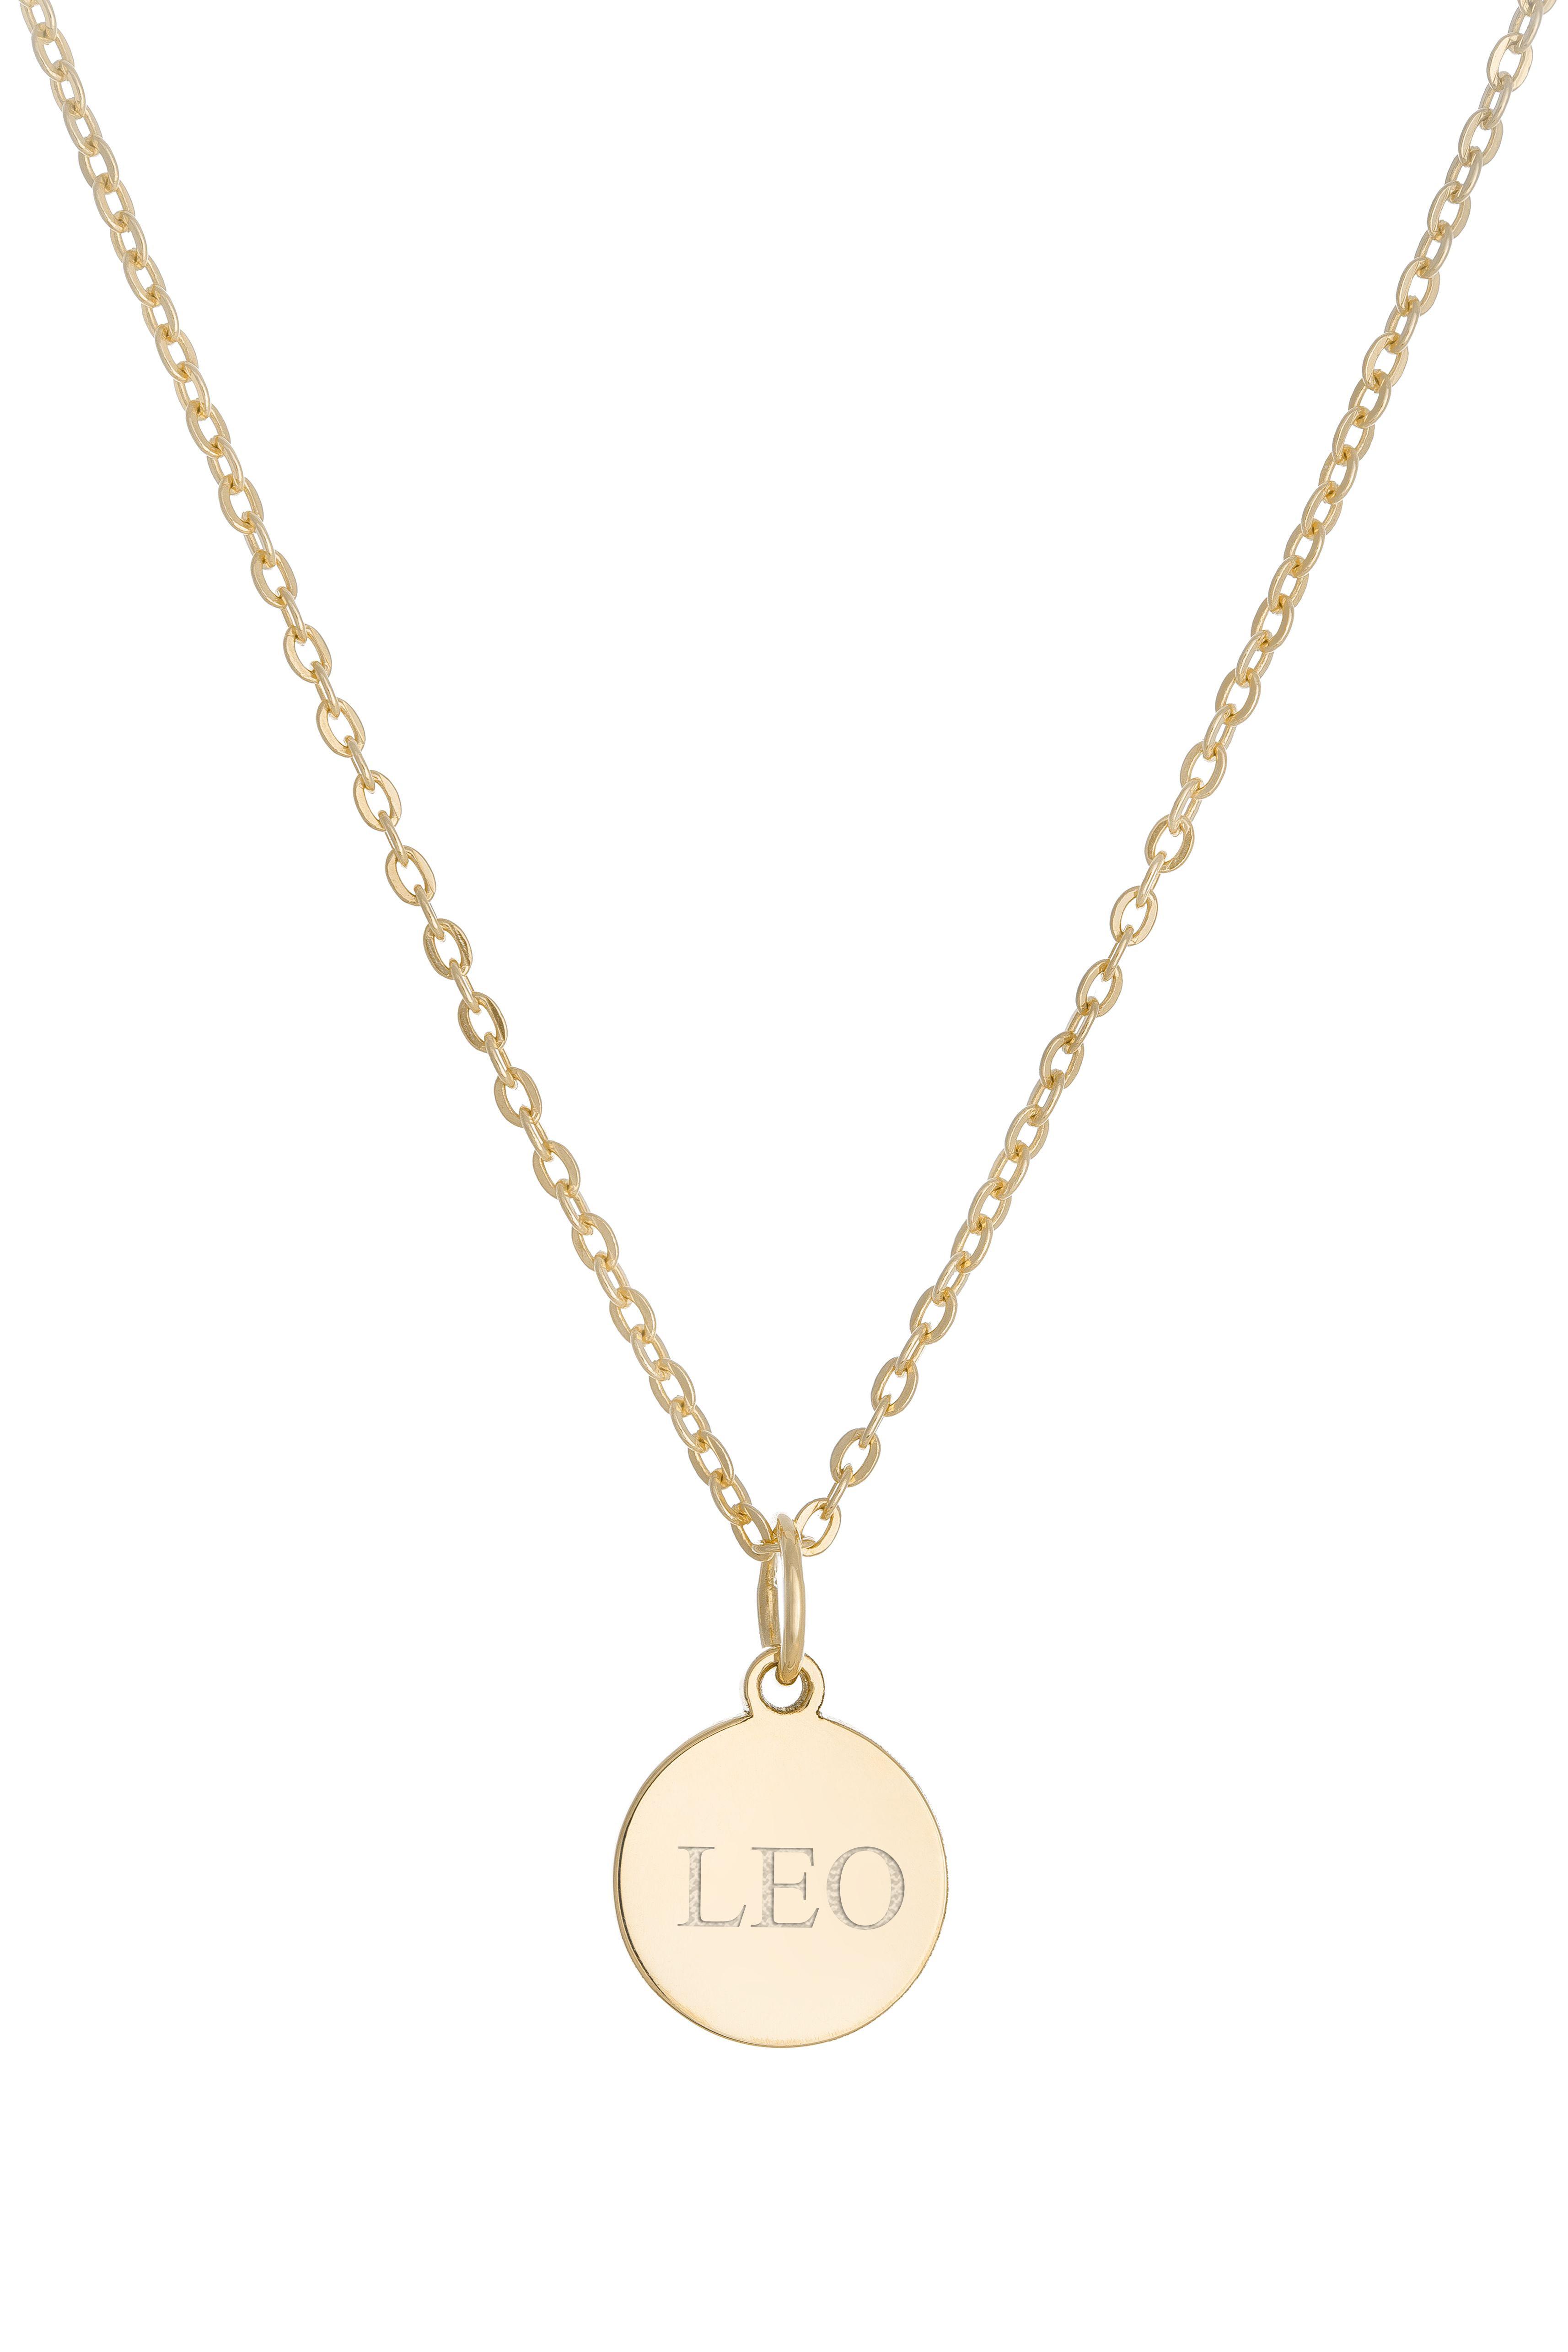 Náhrdelník BY LEON.Y. 14 kt zlato, Medailón s textom podľa želania